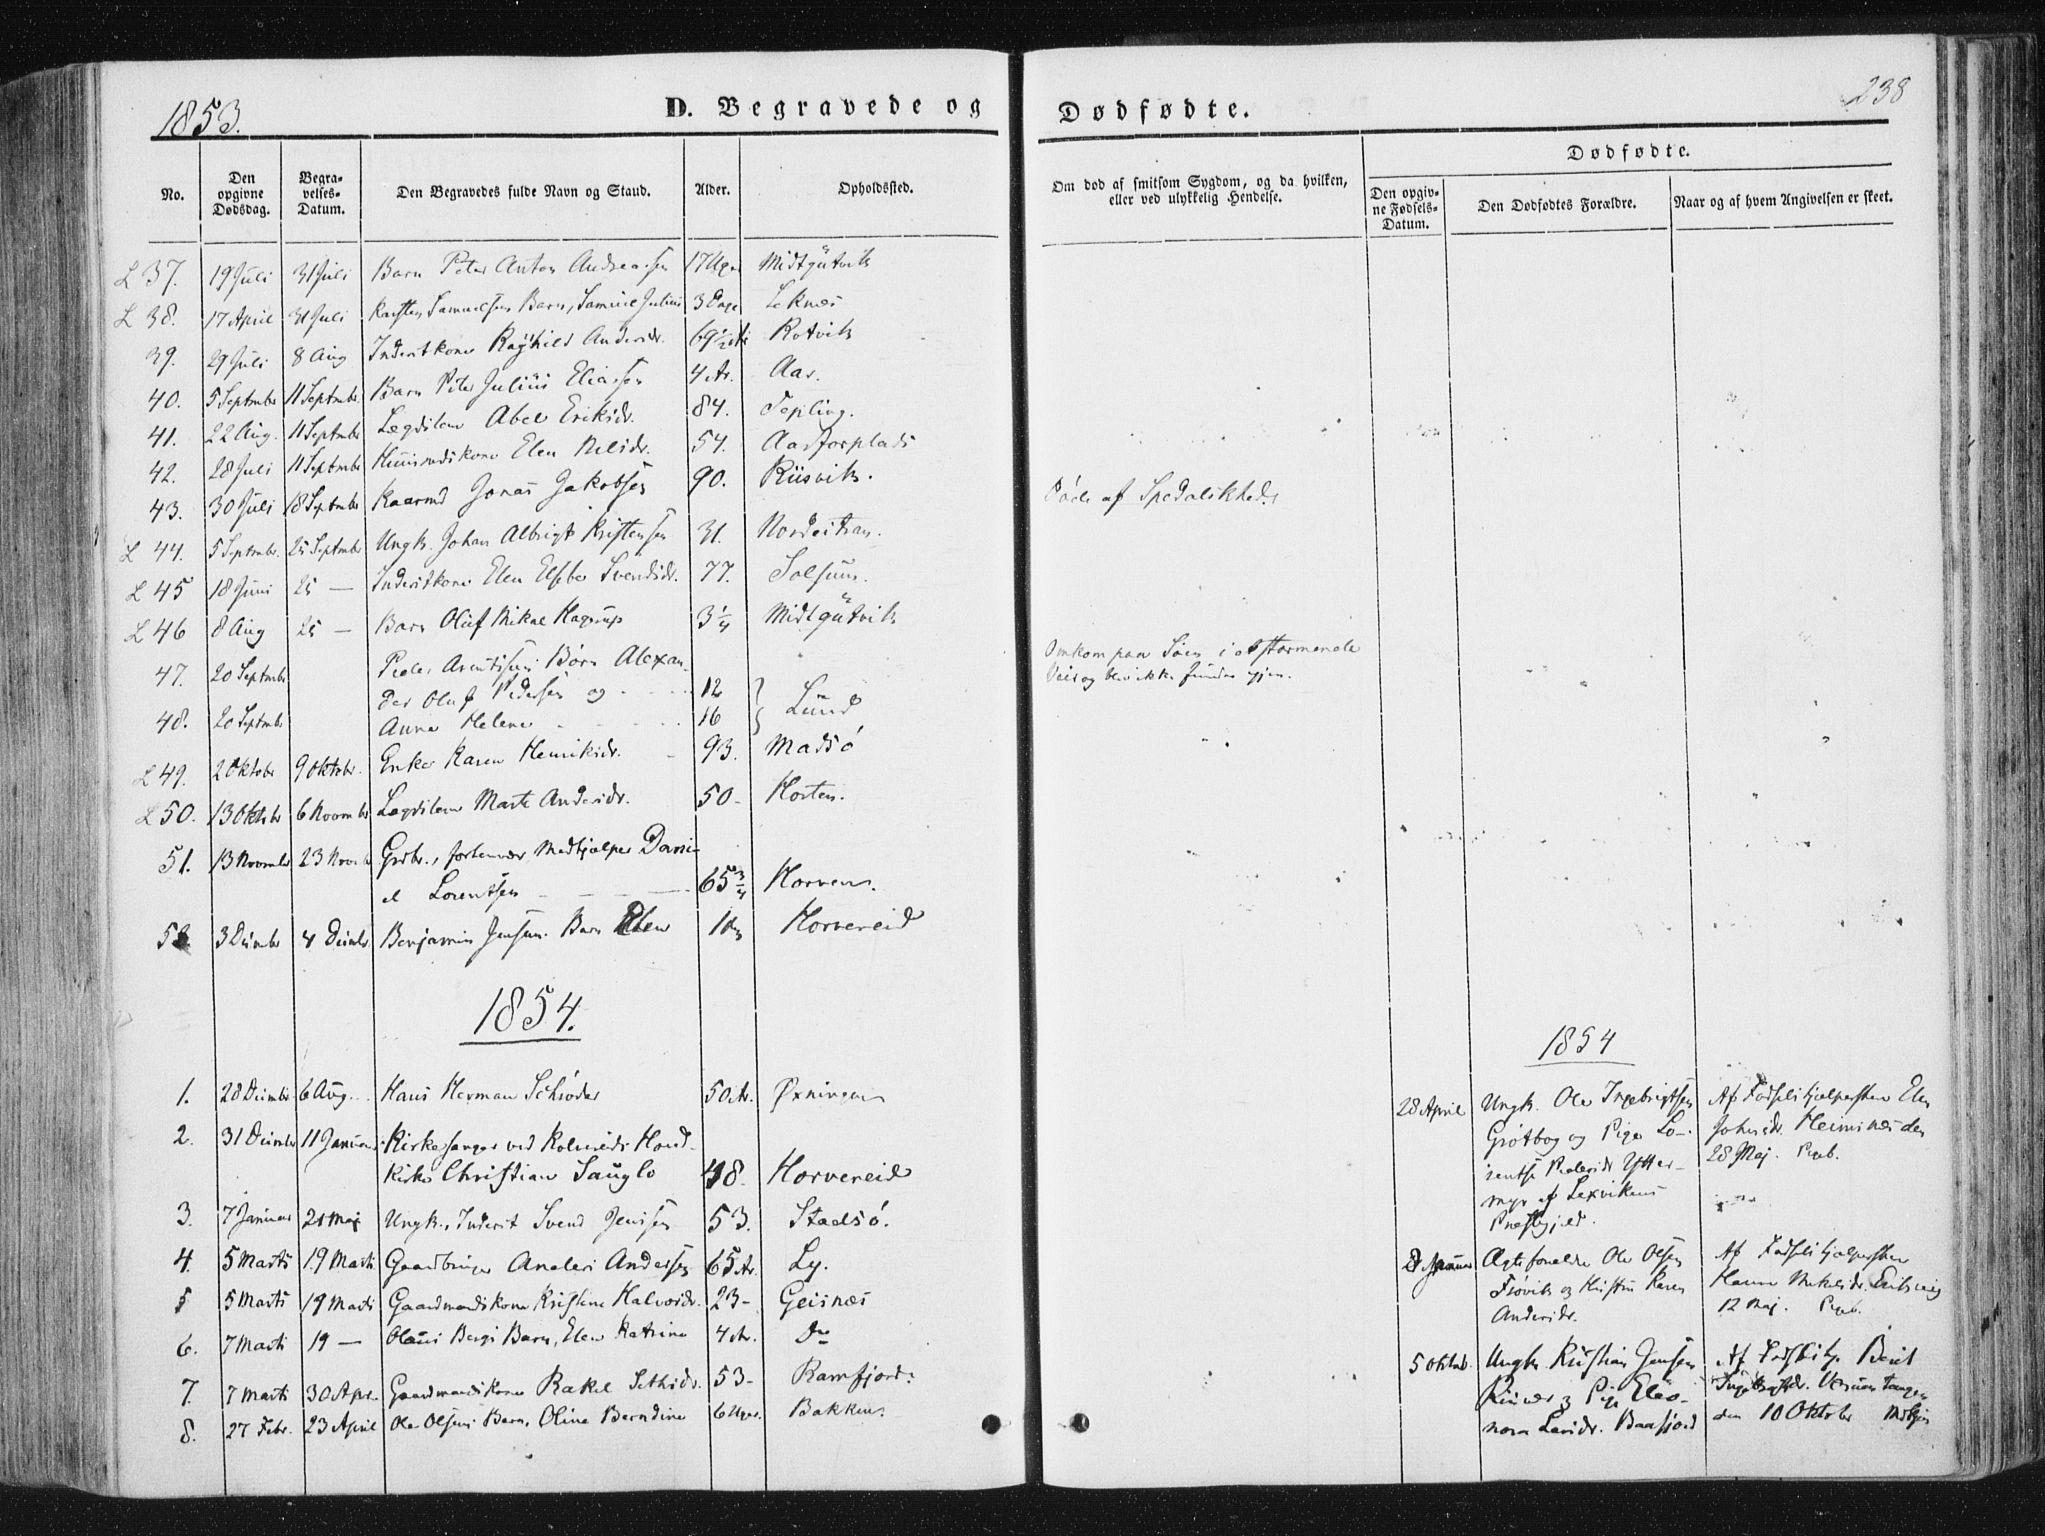 SAT, Ministerialprotokoller, klokkerbøker og fødselsregistre - Nord-Trøndelag, 780/L0640: Ministerialbok nr. 780A05, 1845-1856, s. 238